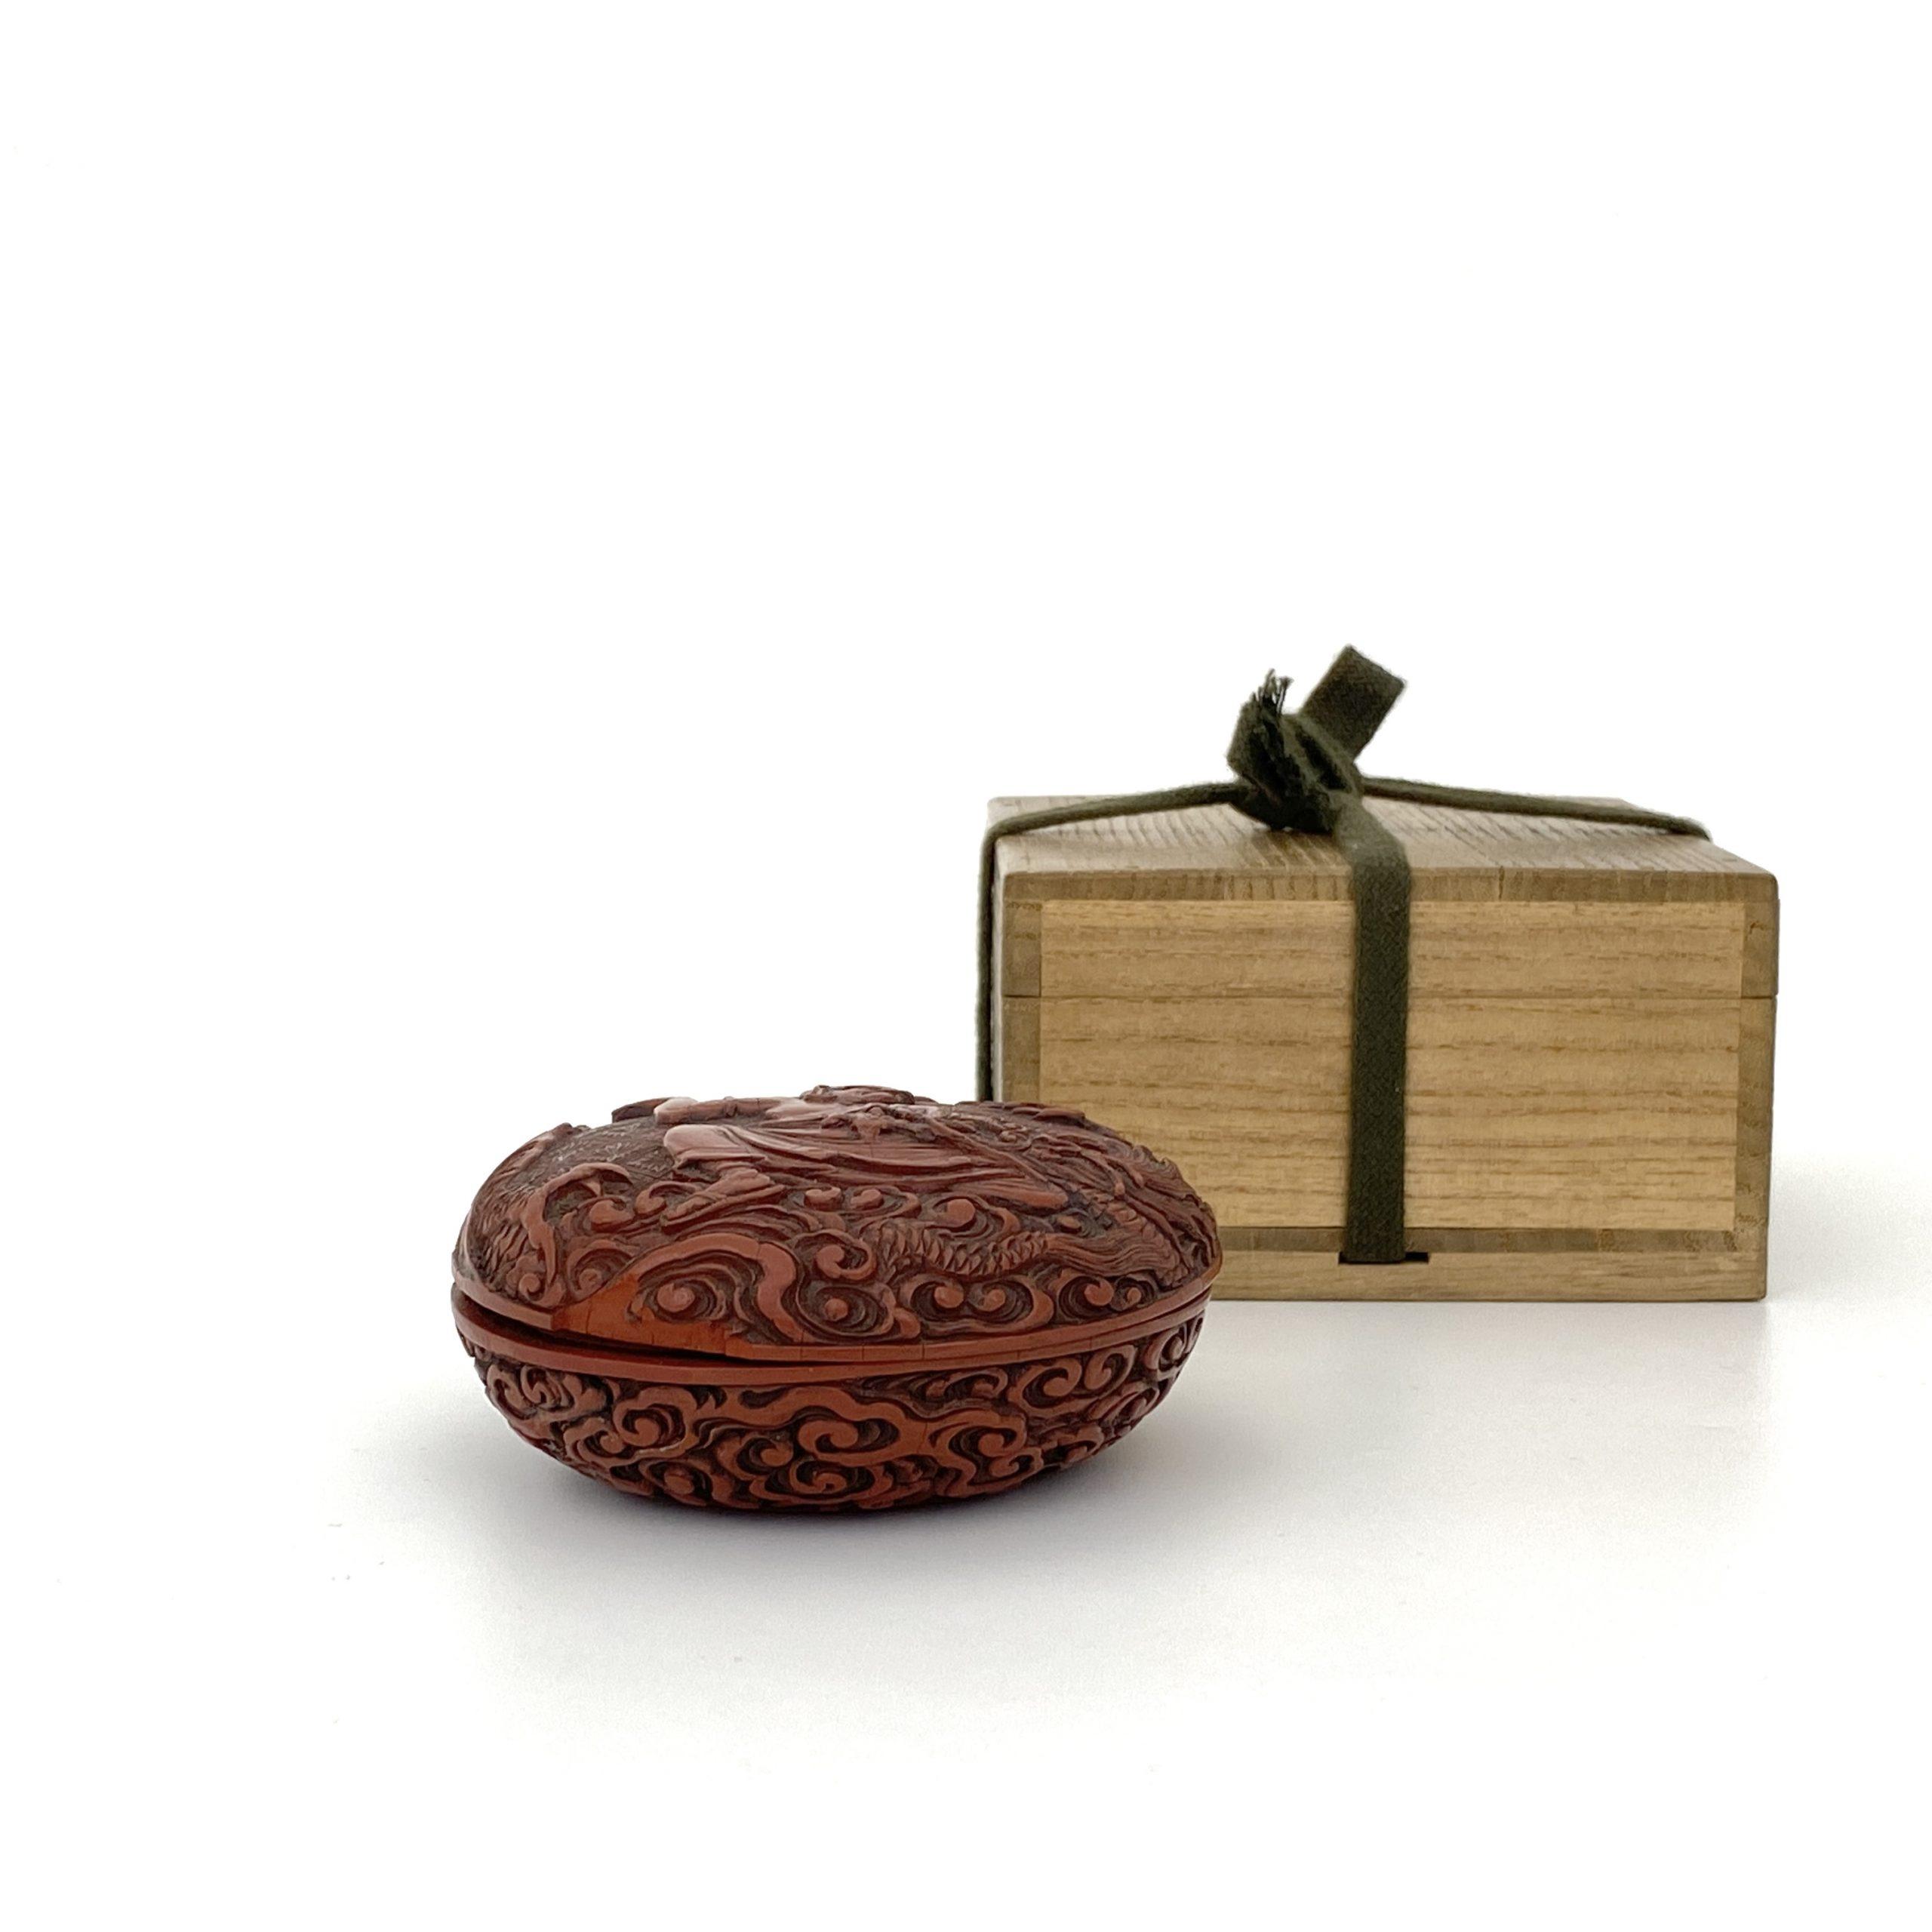 21483剔紅雕 羅漢紋 圓盒